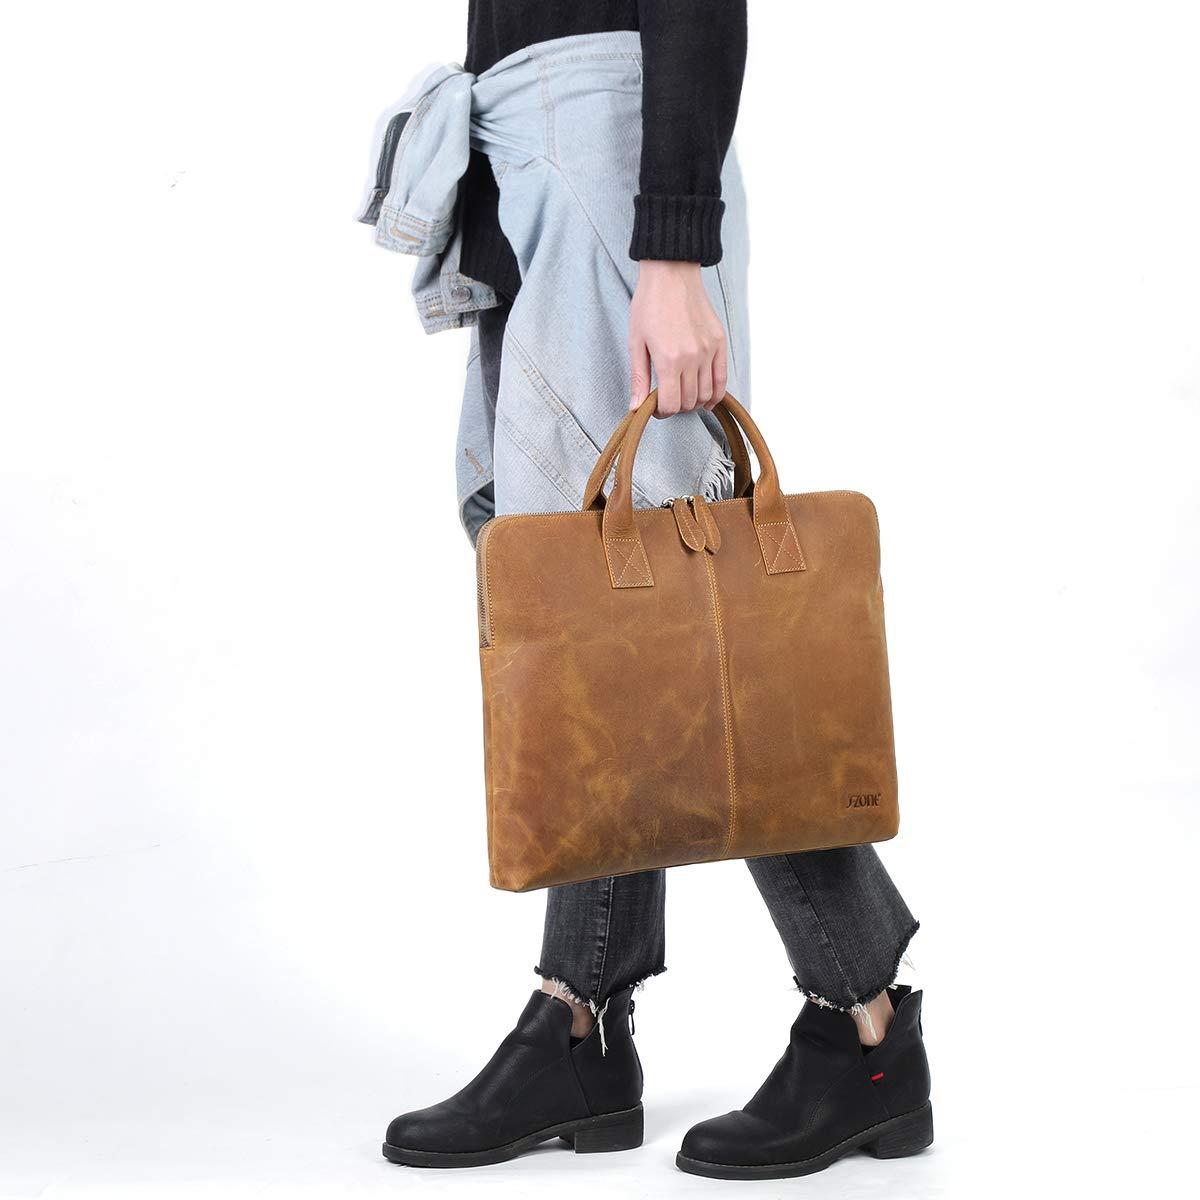 S-ZONE 15,6 Inch Aktentasche aus Leder Business Laptoptasche Tote f/ür M/änner Frauen